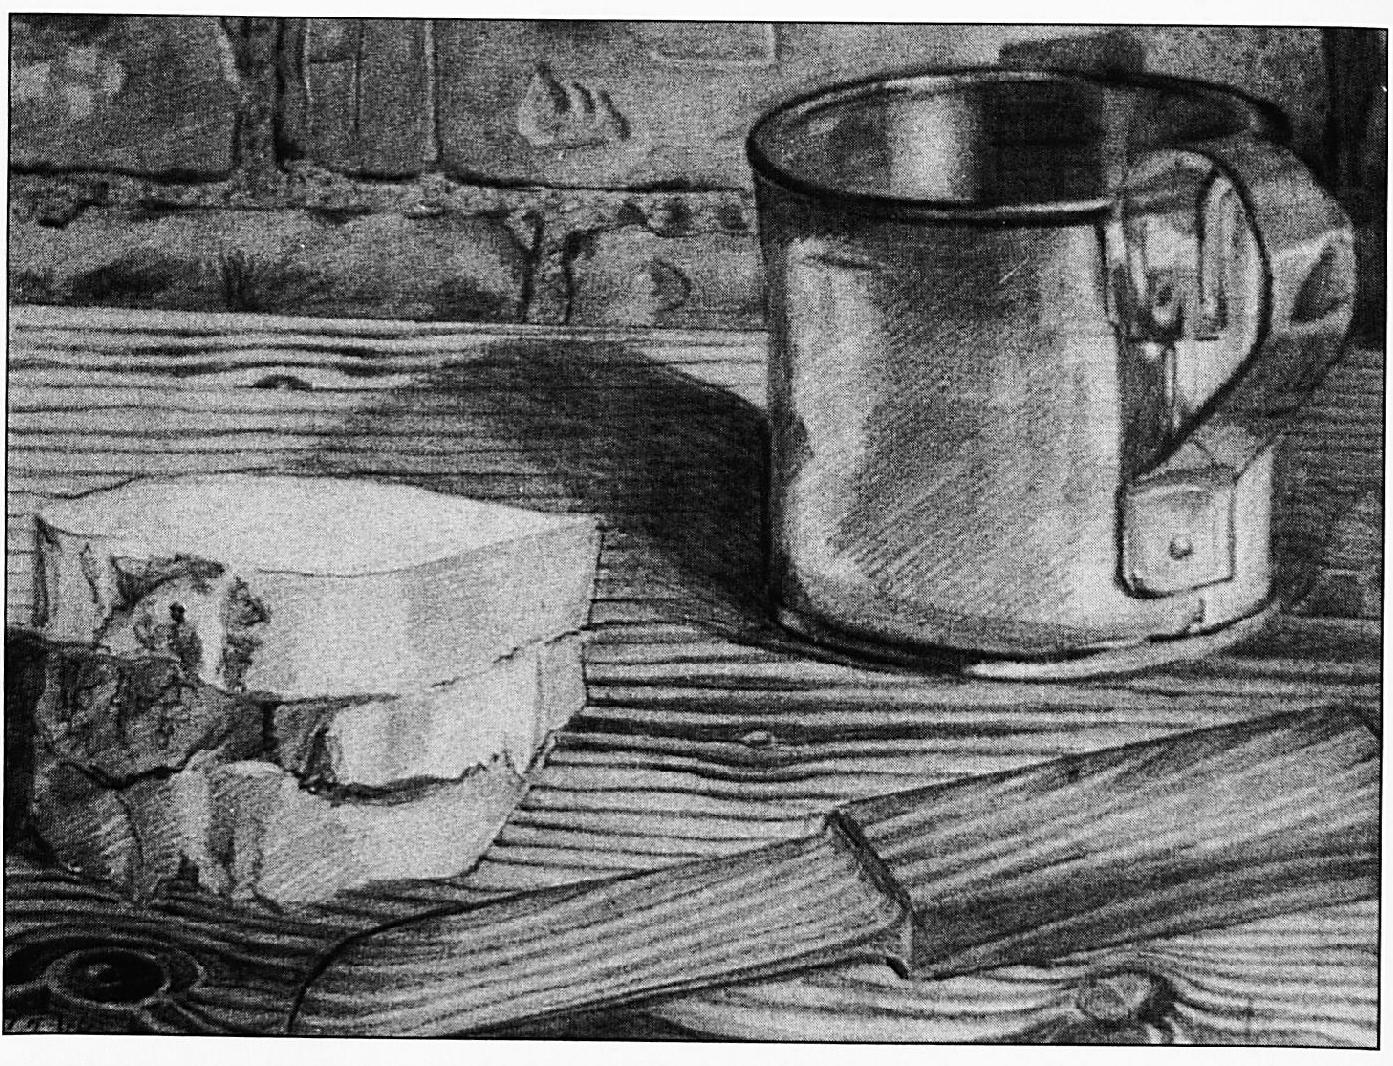 Tekeningen, gemaakt door Ds. Pennings in de Arnhemse Koepel gevangenis.